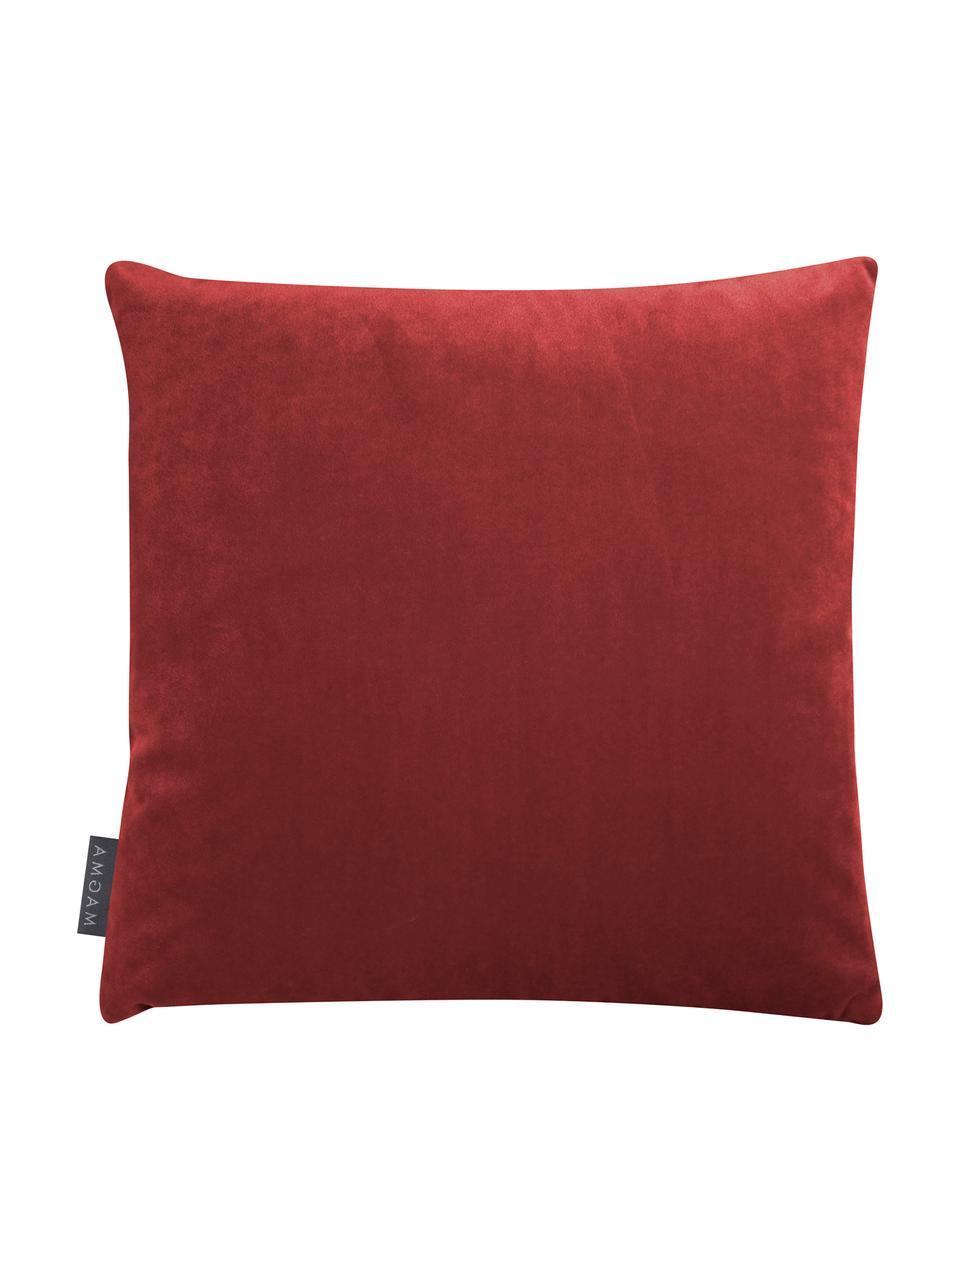 Federa arredo  reversibile Abigail, Retro: velluto di poliestere, Rosa, rosso ruggine, Larg. 40 x Lung. 40 cm